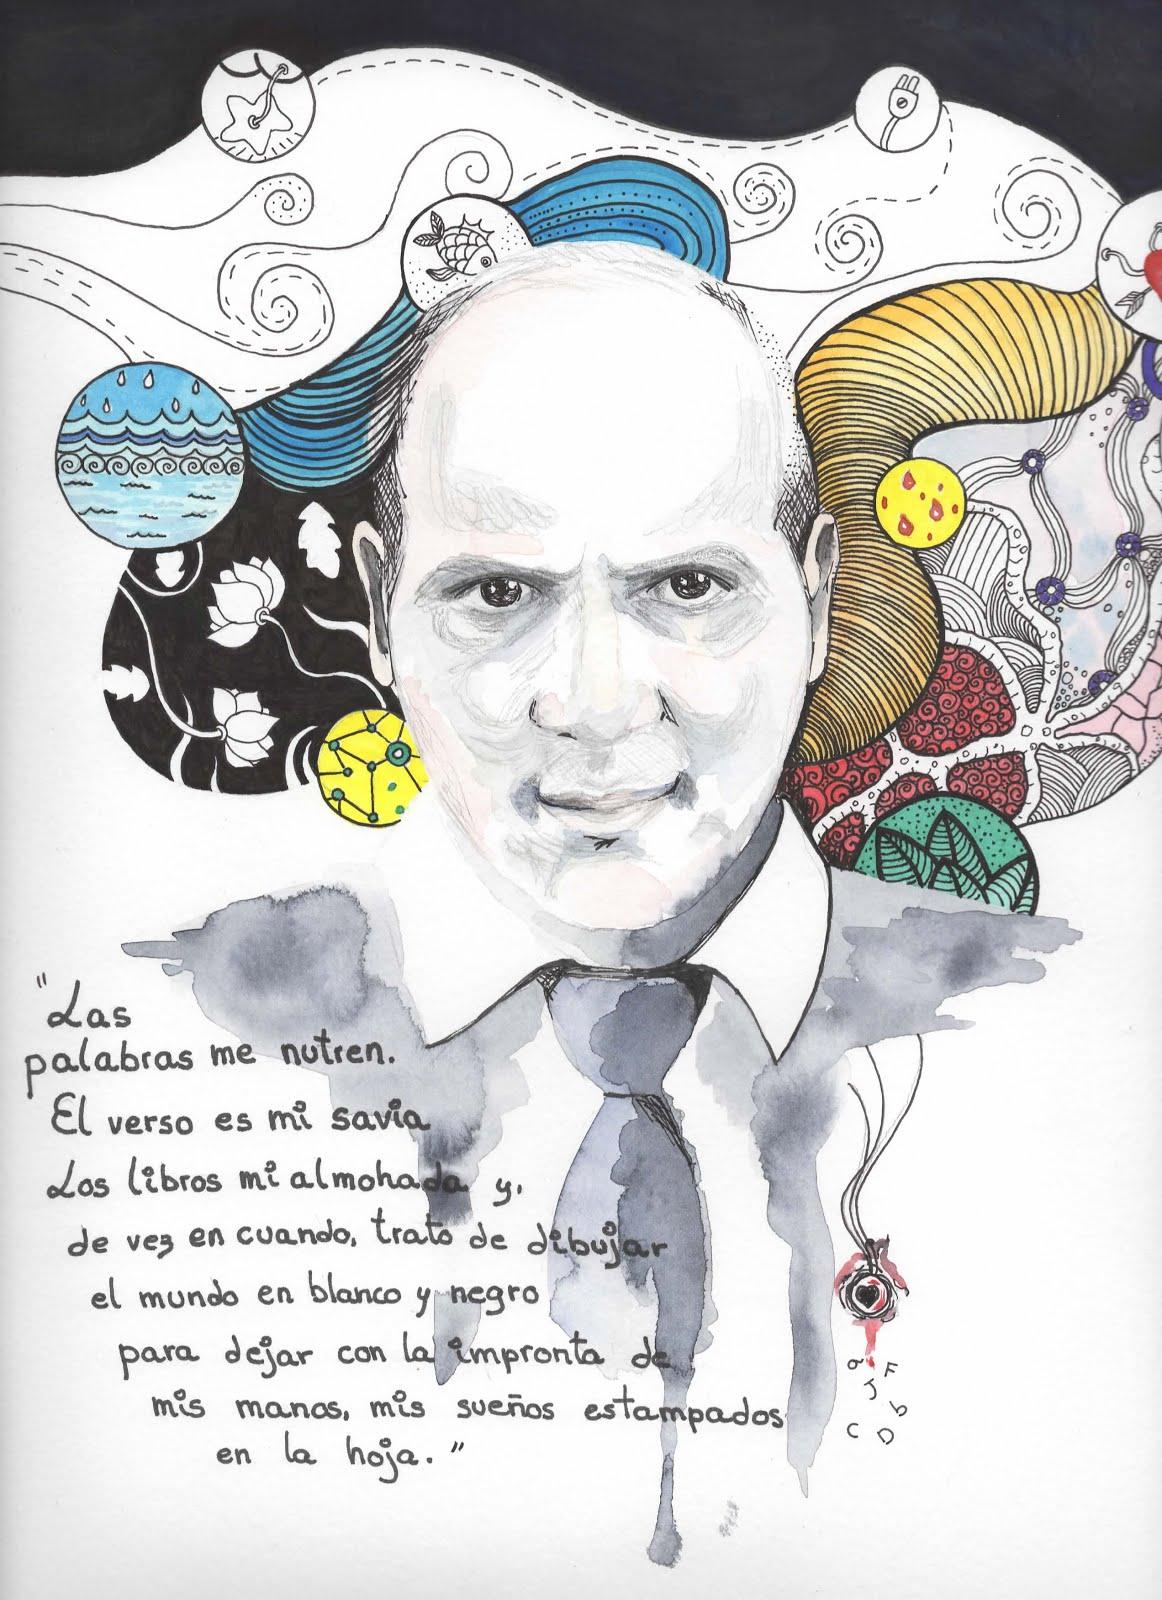 Yo, según el talento pictórico de Lola Rodríguez